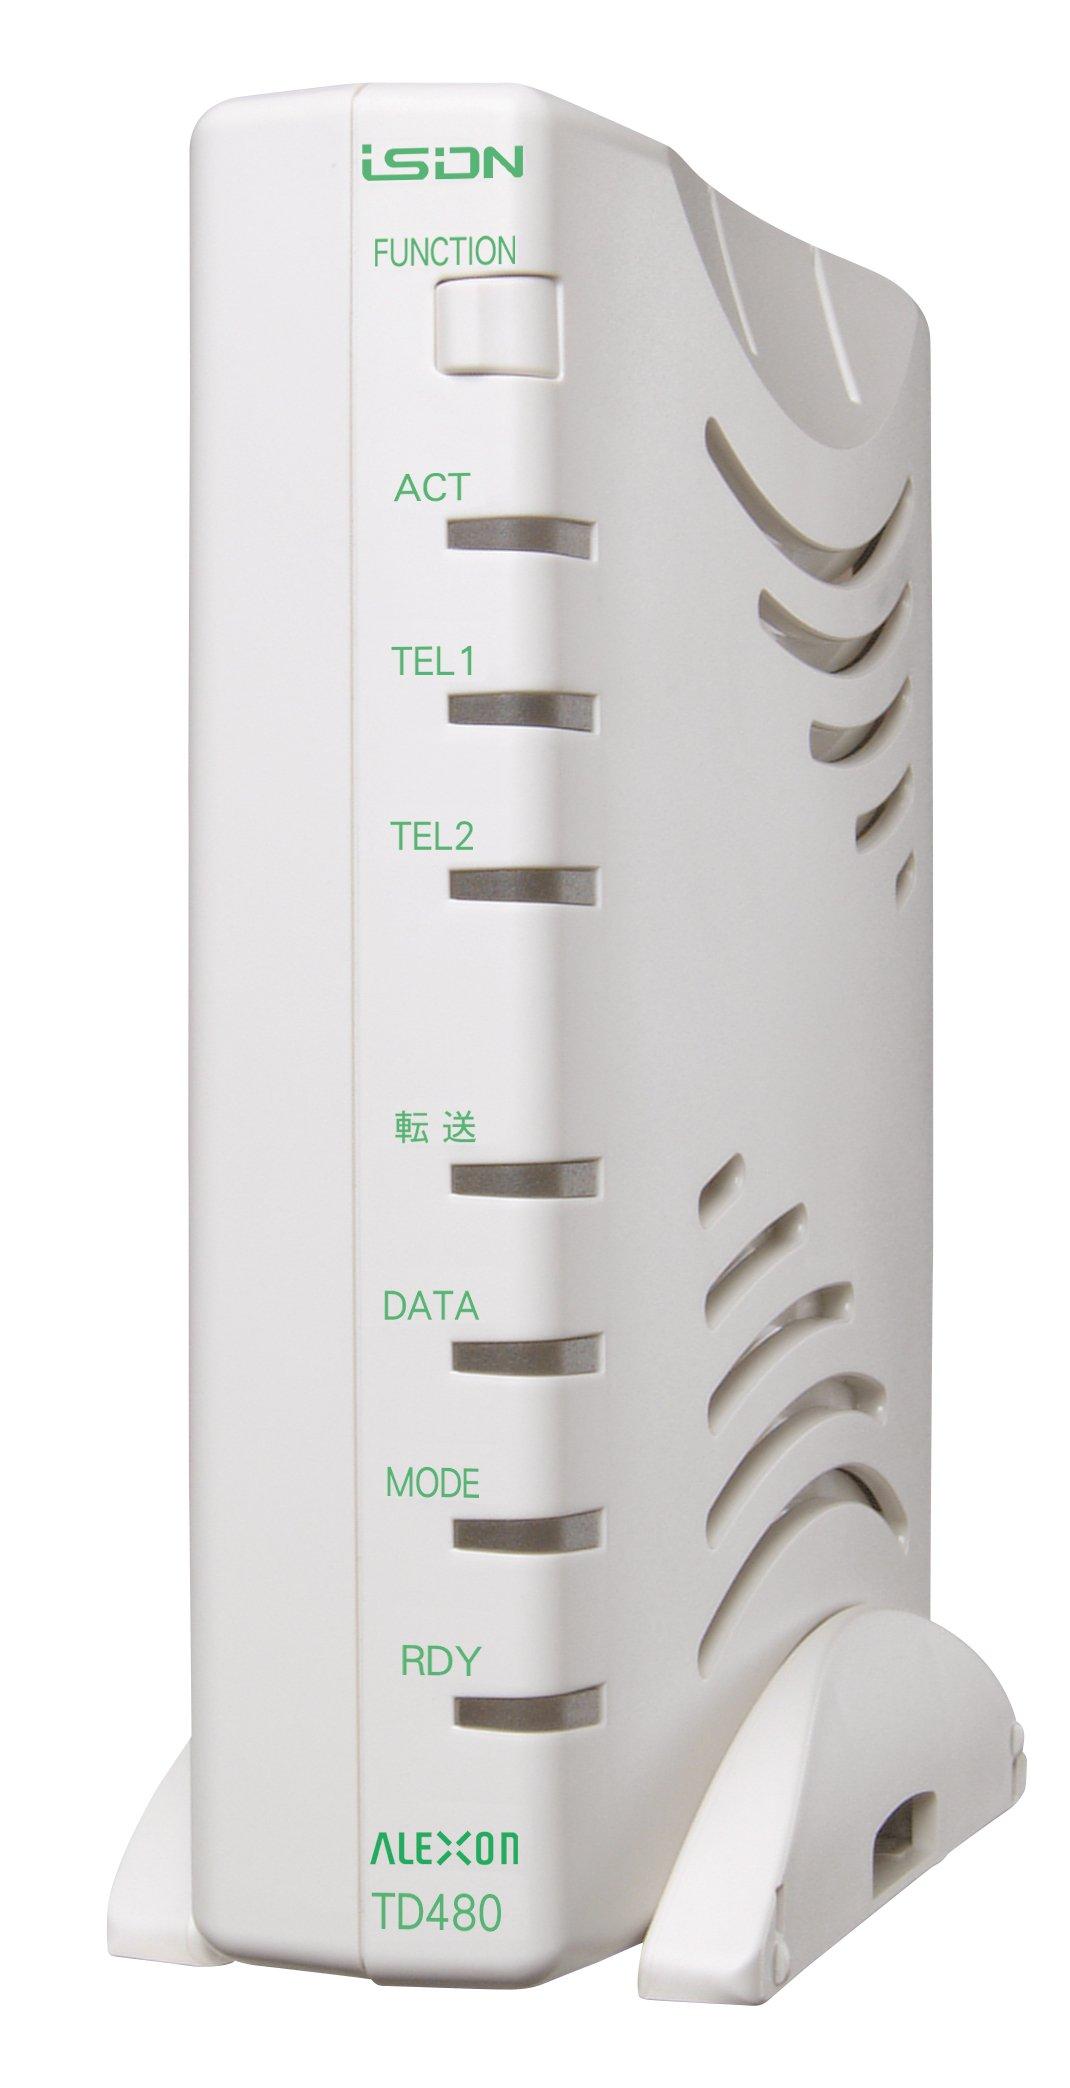 アレクソン ISDNターミナルアダプタ(DSU付) ALEX-TD480